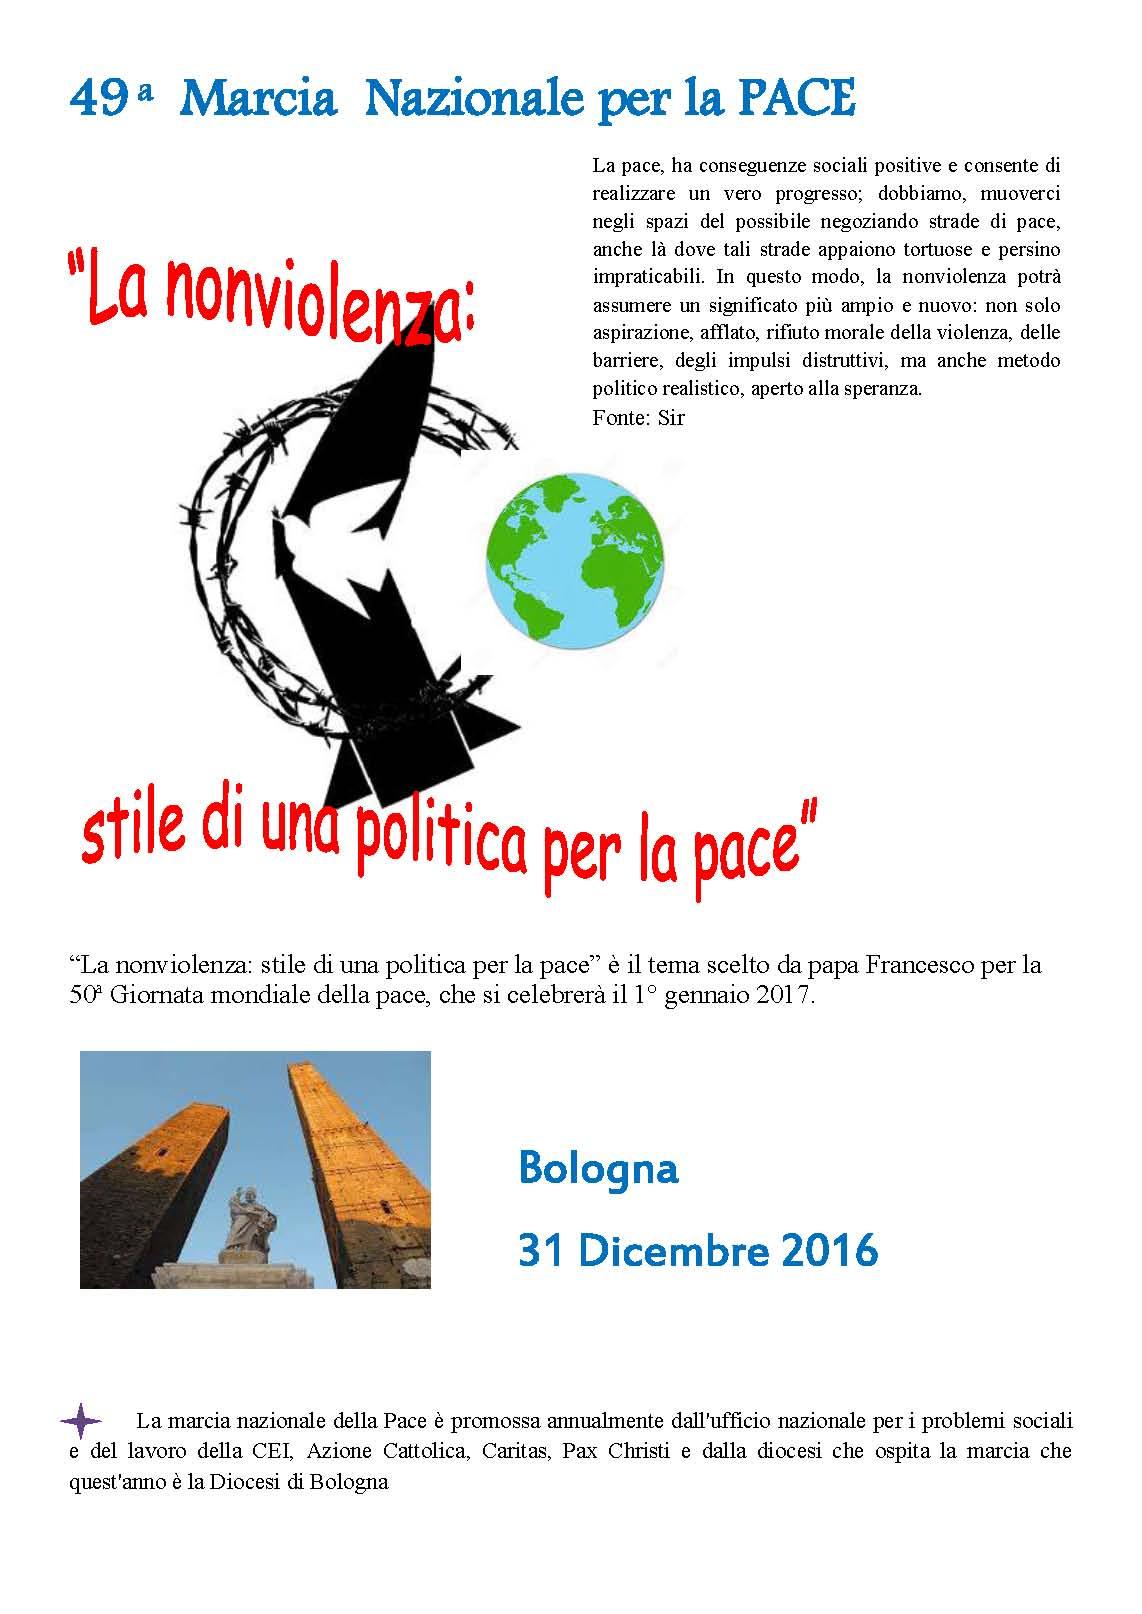 49-a-marcia-nazionale-per-la-pace